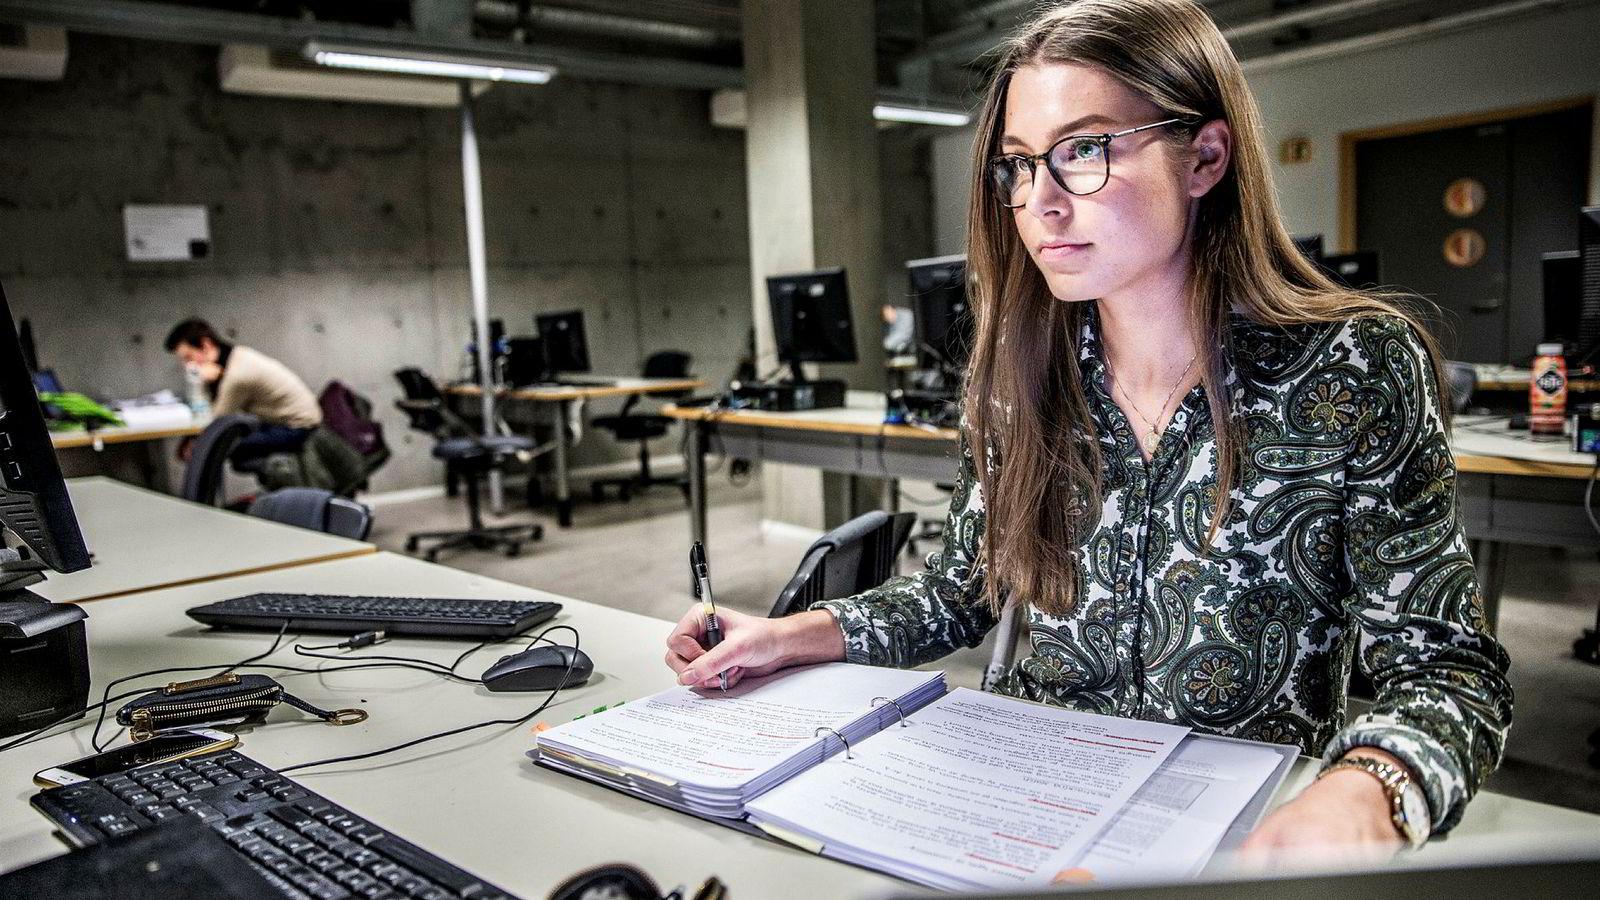 Ida Merete Enholm (21) studerer datateknologi, og for henne var valget enkelt. – Jeg liker godt å studere og jeg tror at i min bransje vil det lønne seg å ha en master når man en gang skal søke jobb, sier hun.